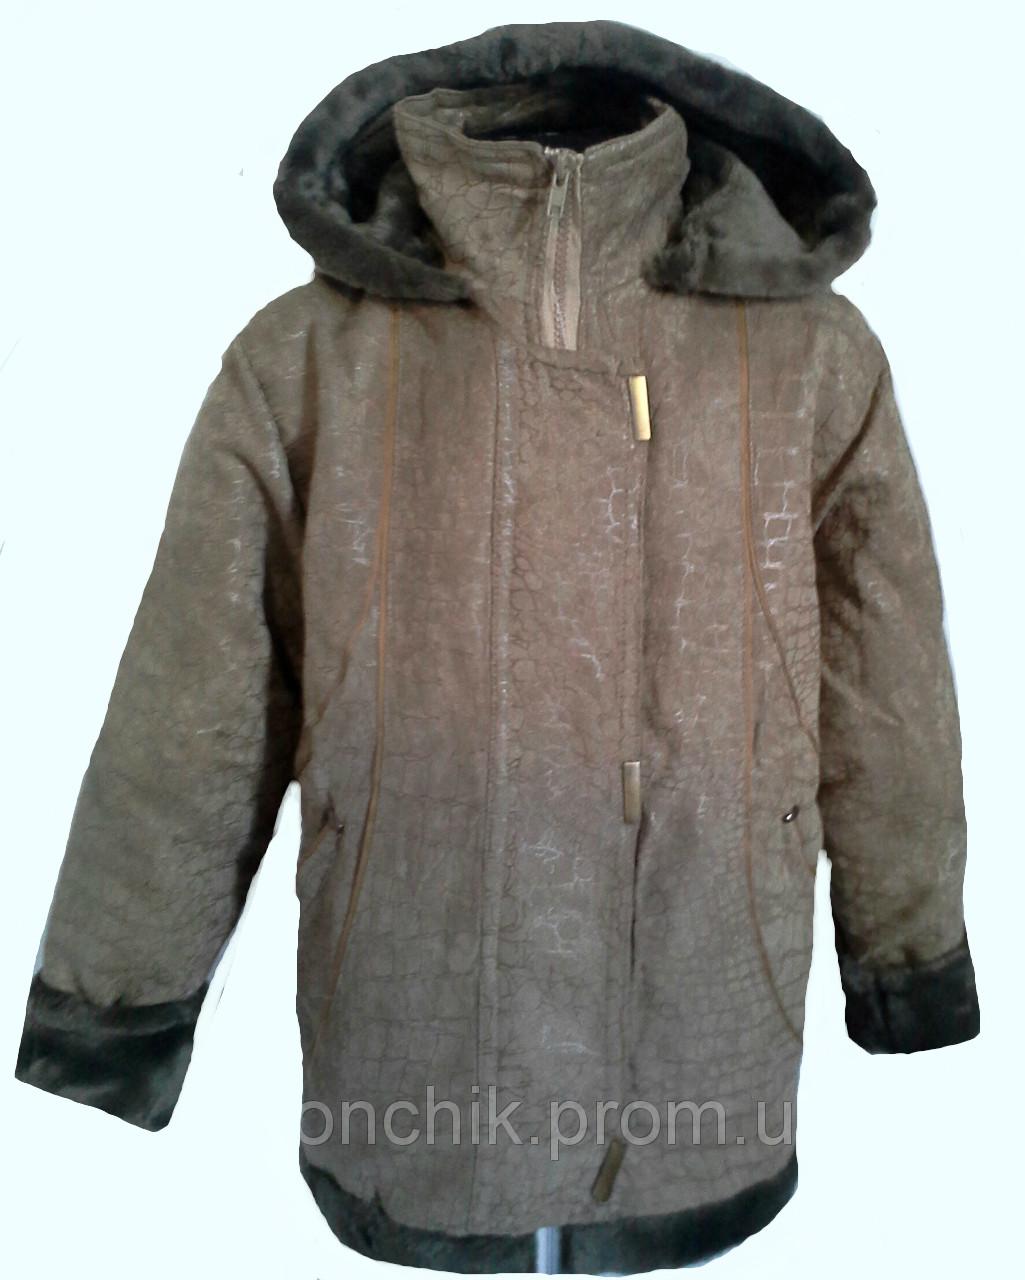 Куртка на меху детская